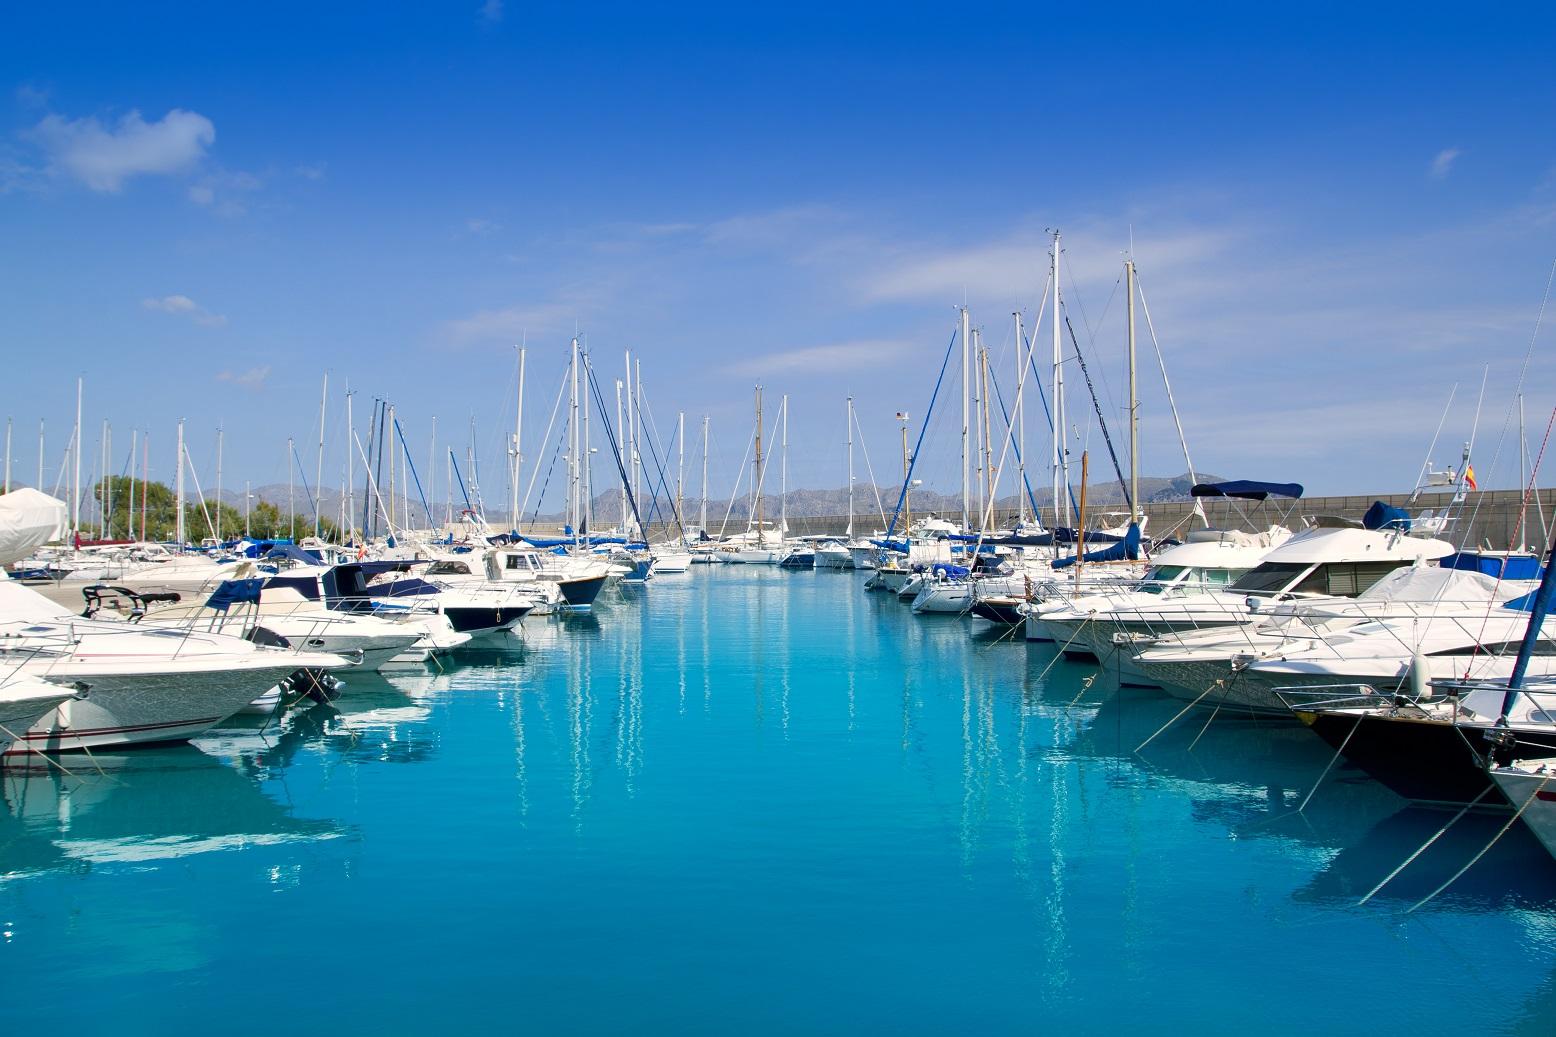 charter-marina-boat-base-fleet-sailing-yacht-4